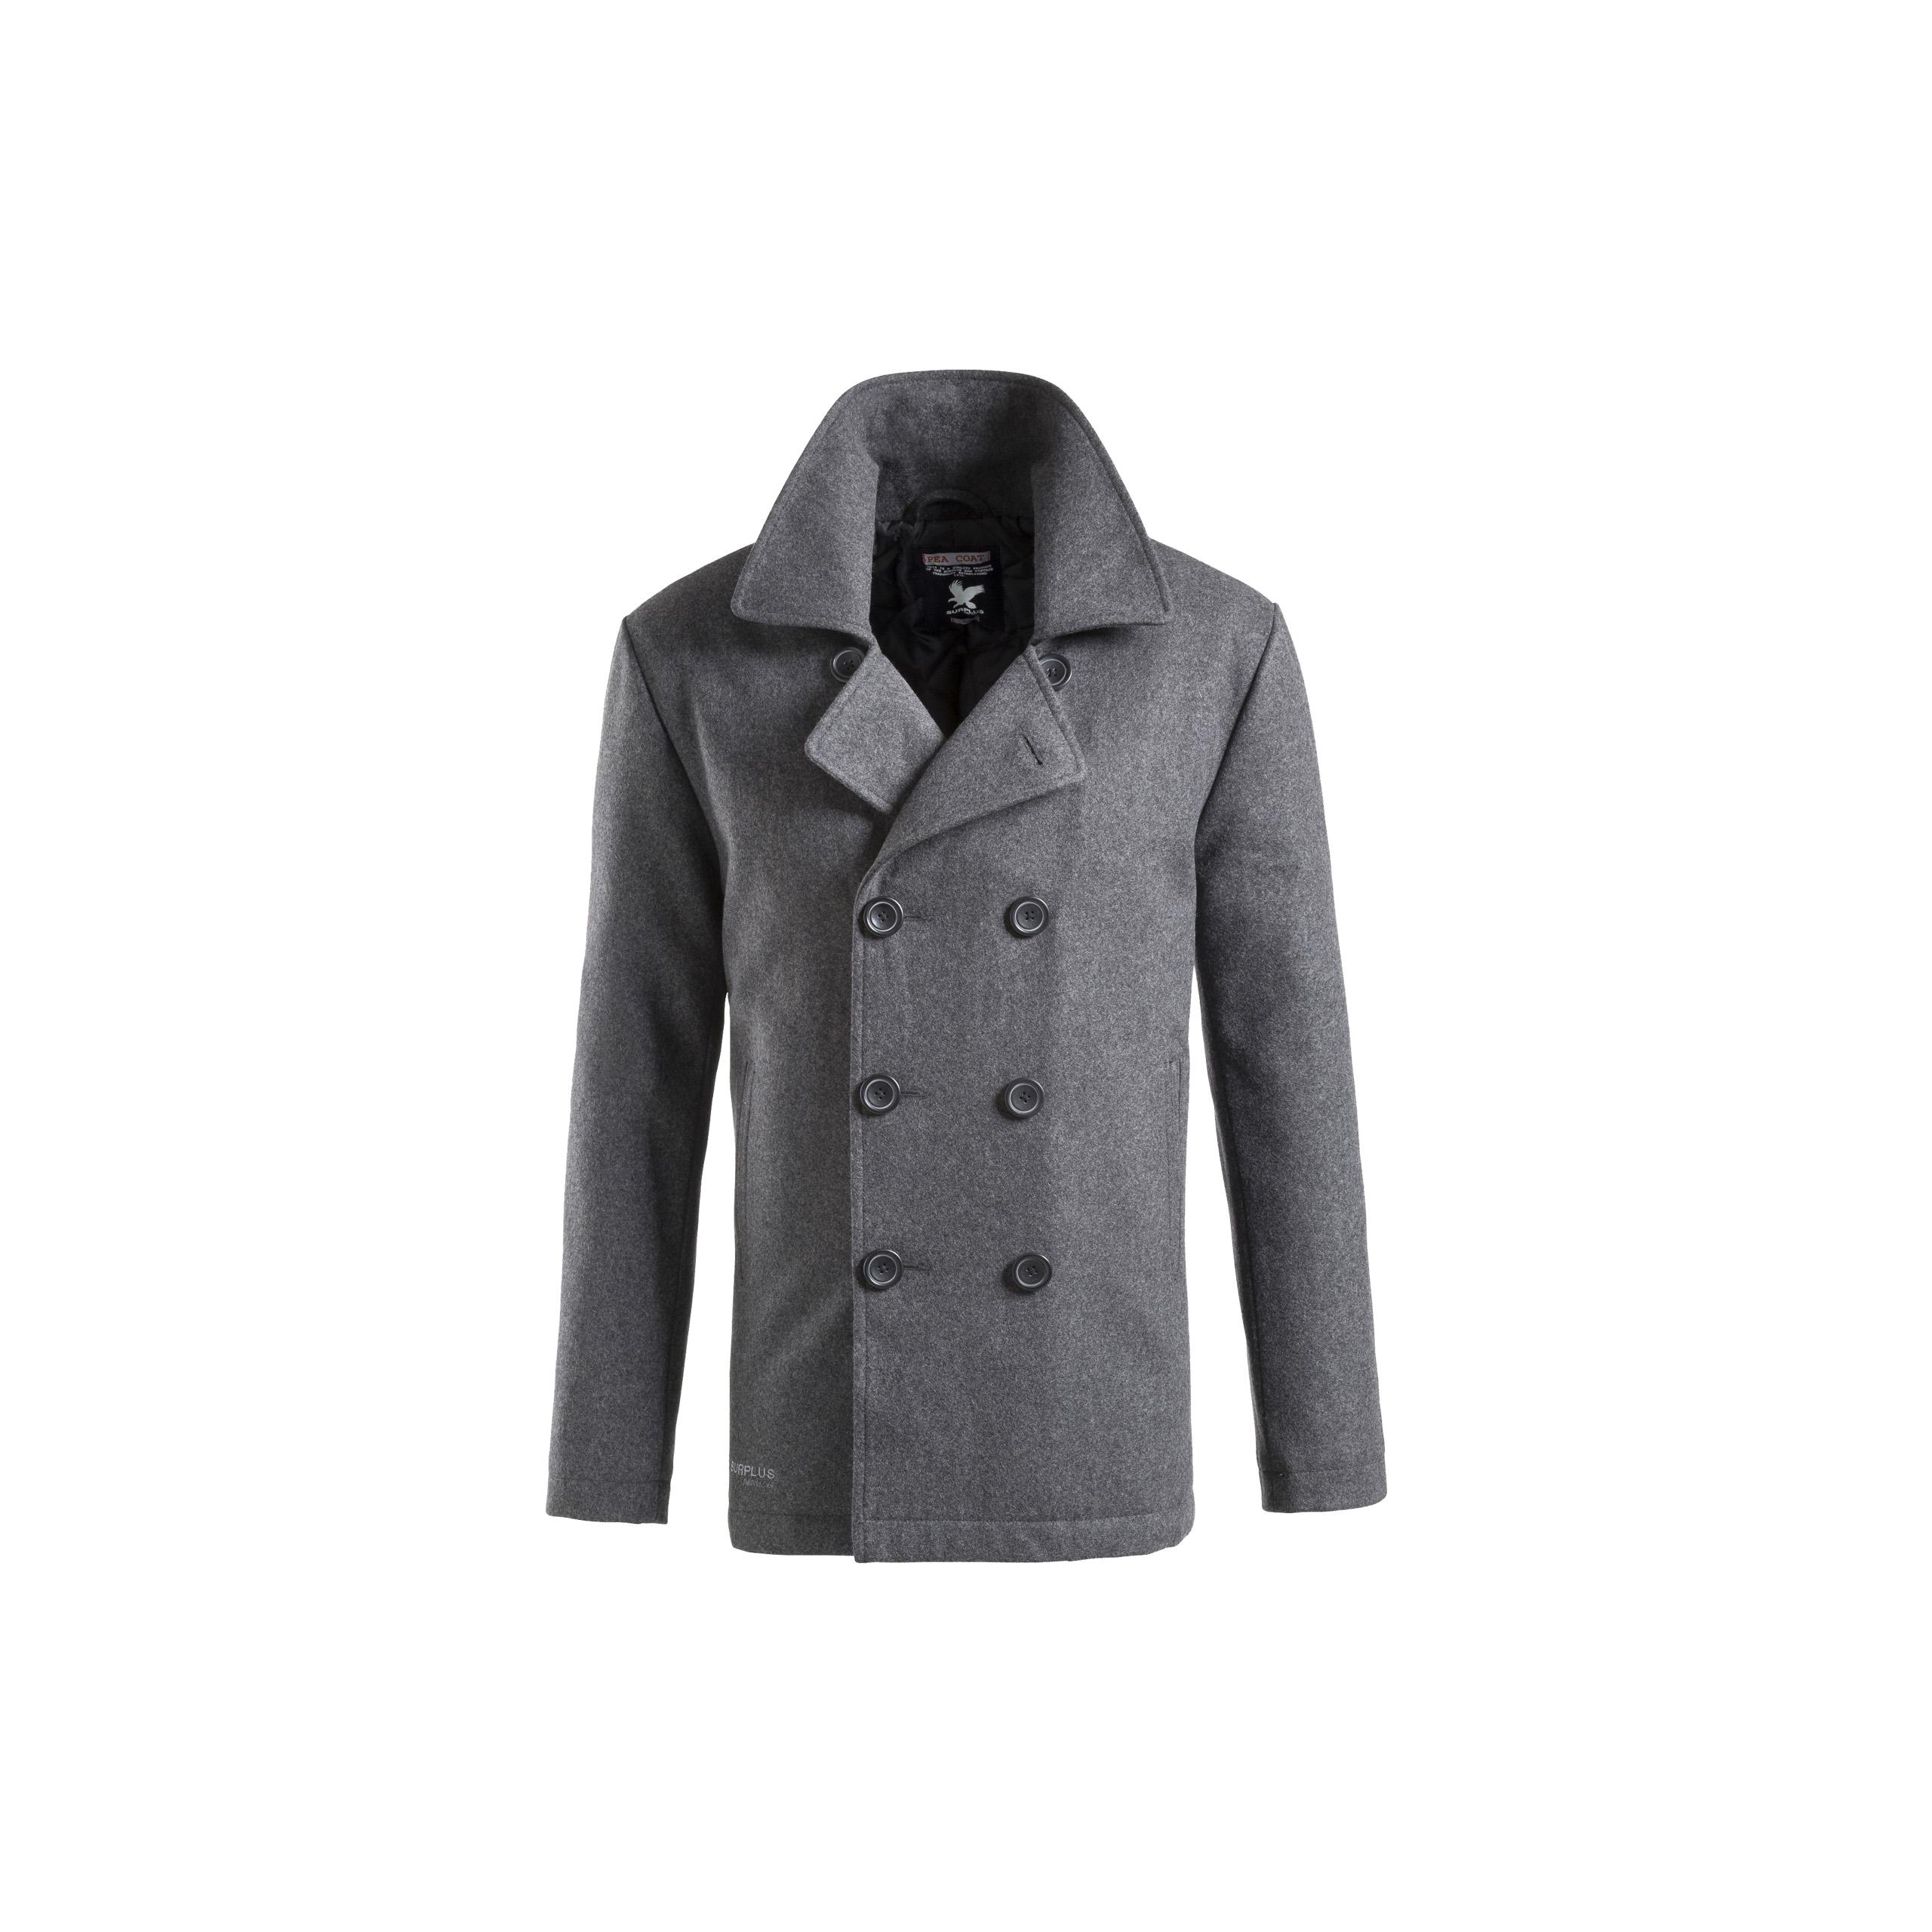 7ed48dbe6e5b7 Пальто купить из Польши и Европы в Украине дешево - - OTPRAVKA ...